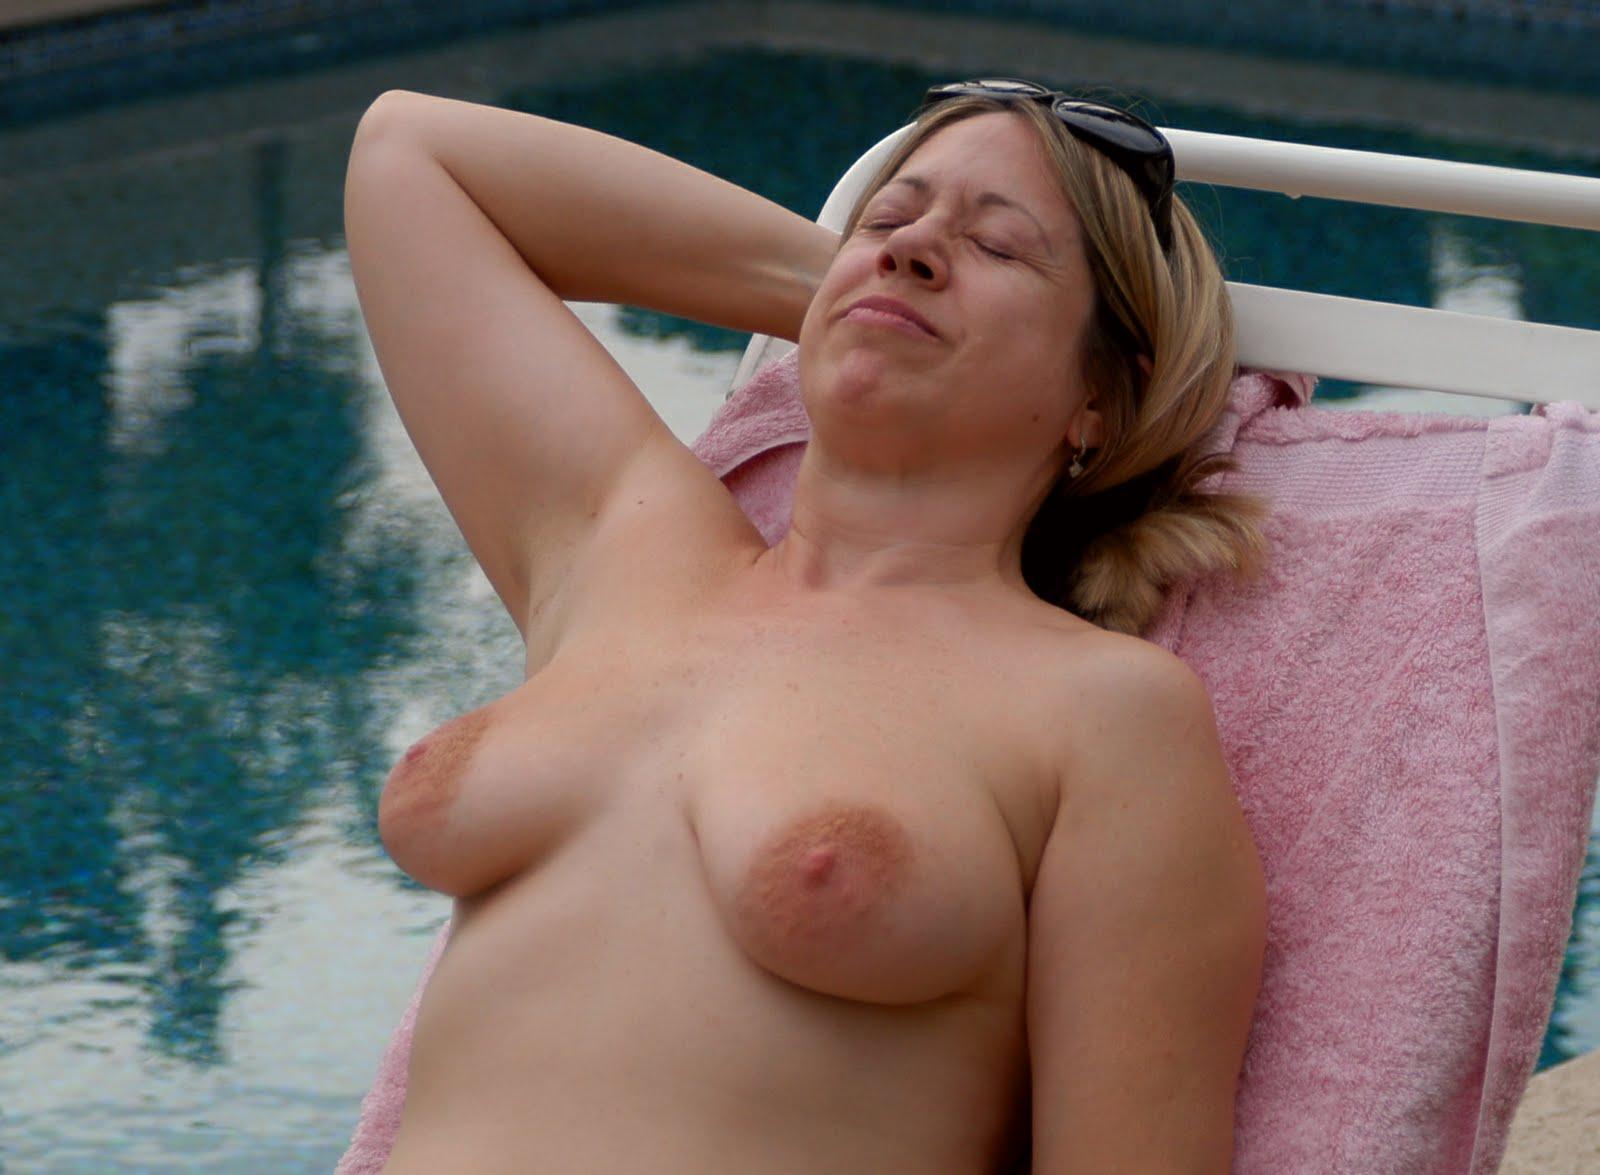 xxx-nude-model-in-resort